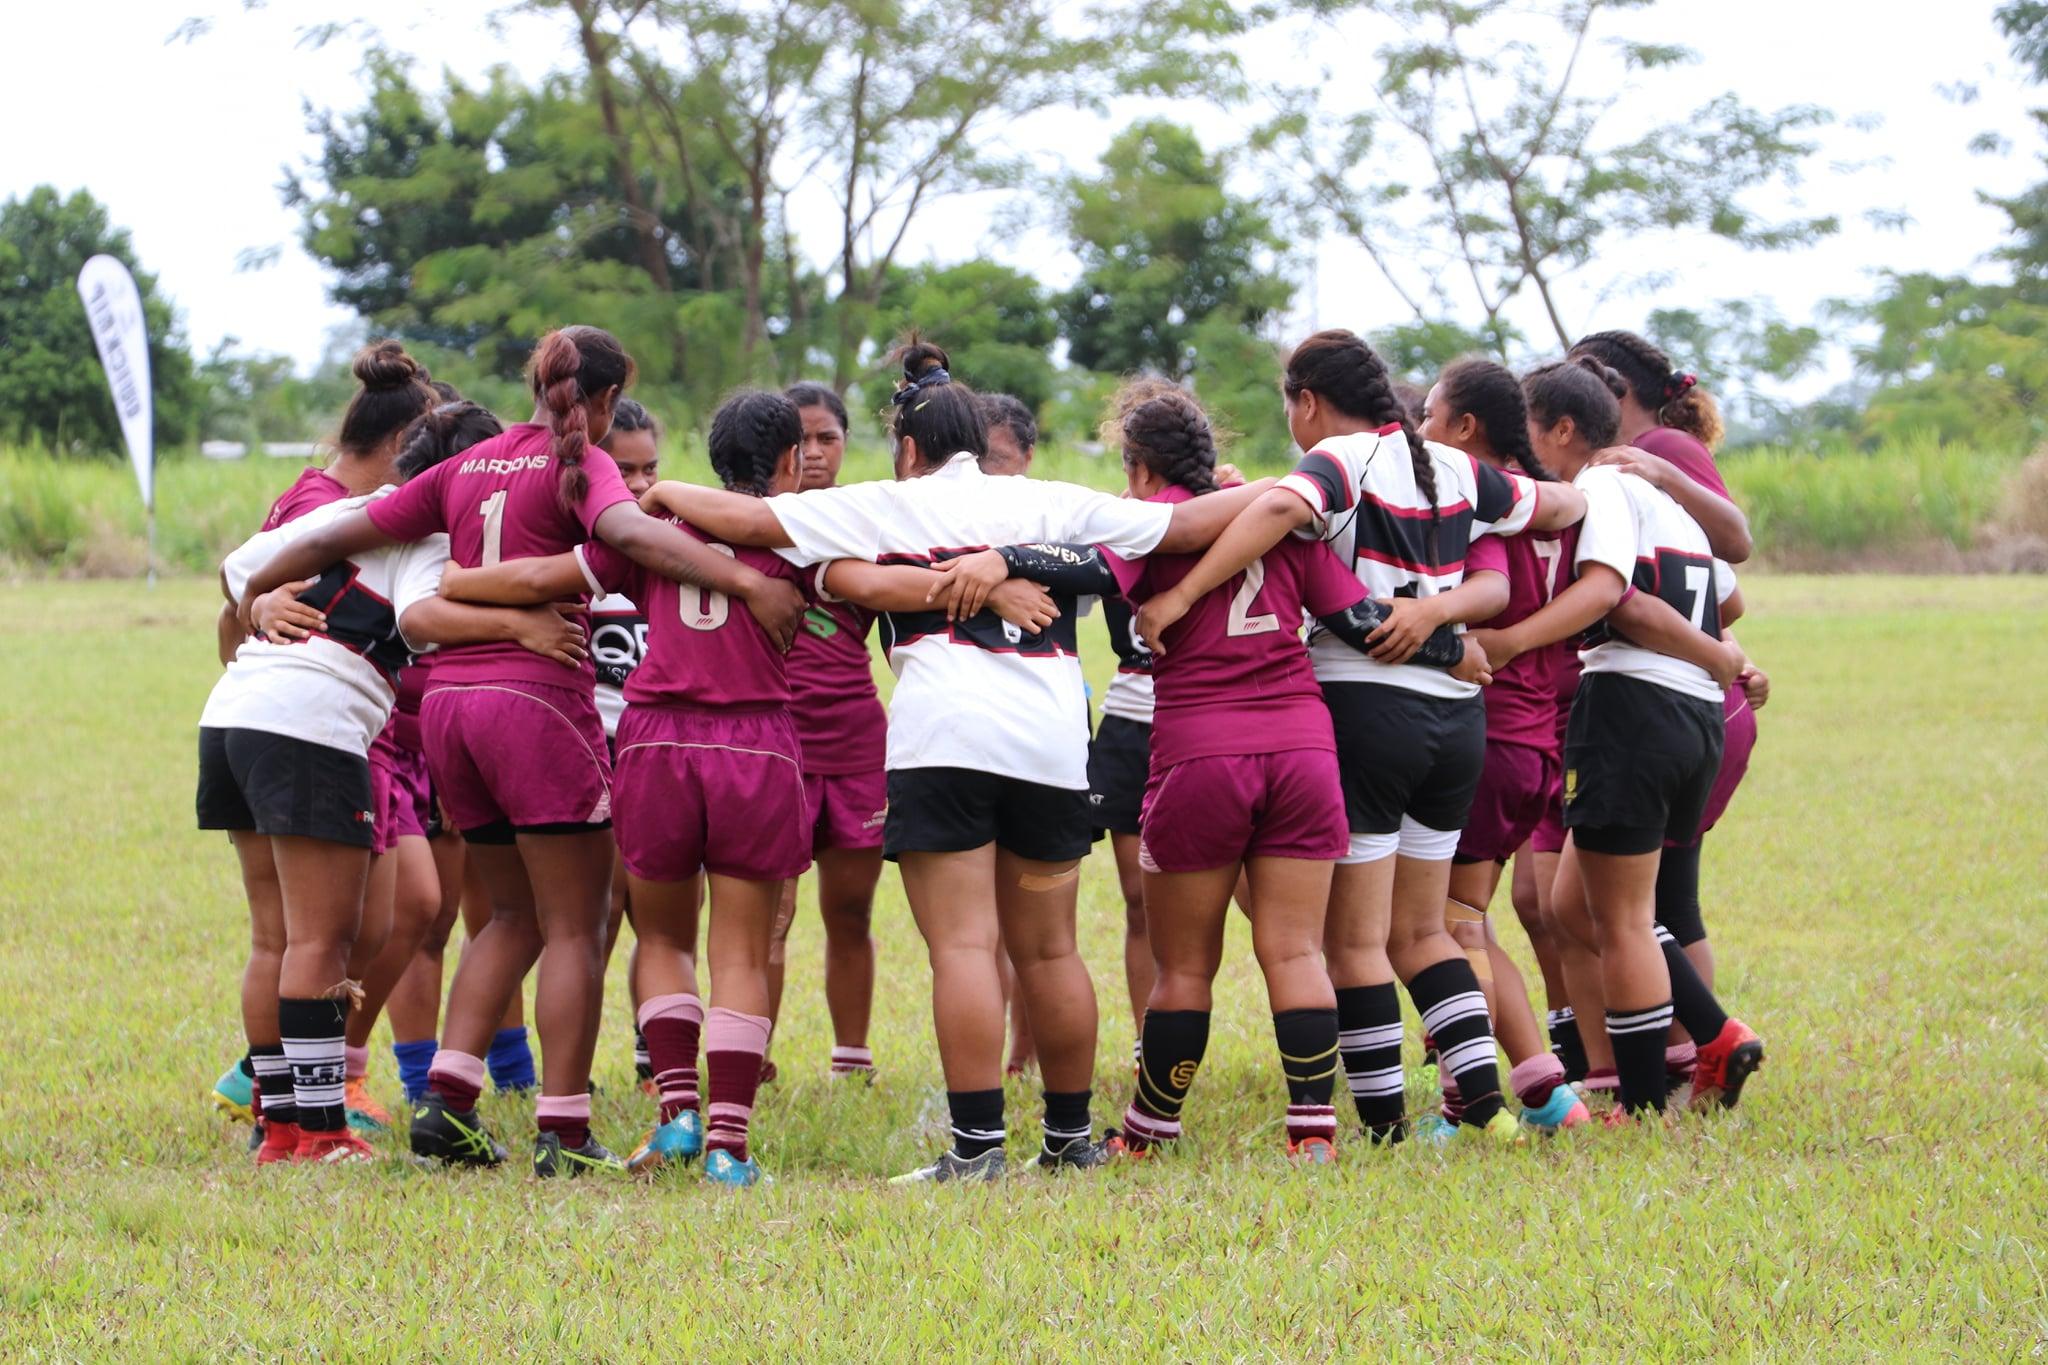 Oceania girls team